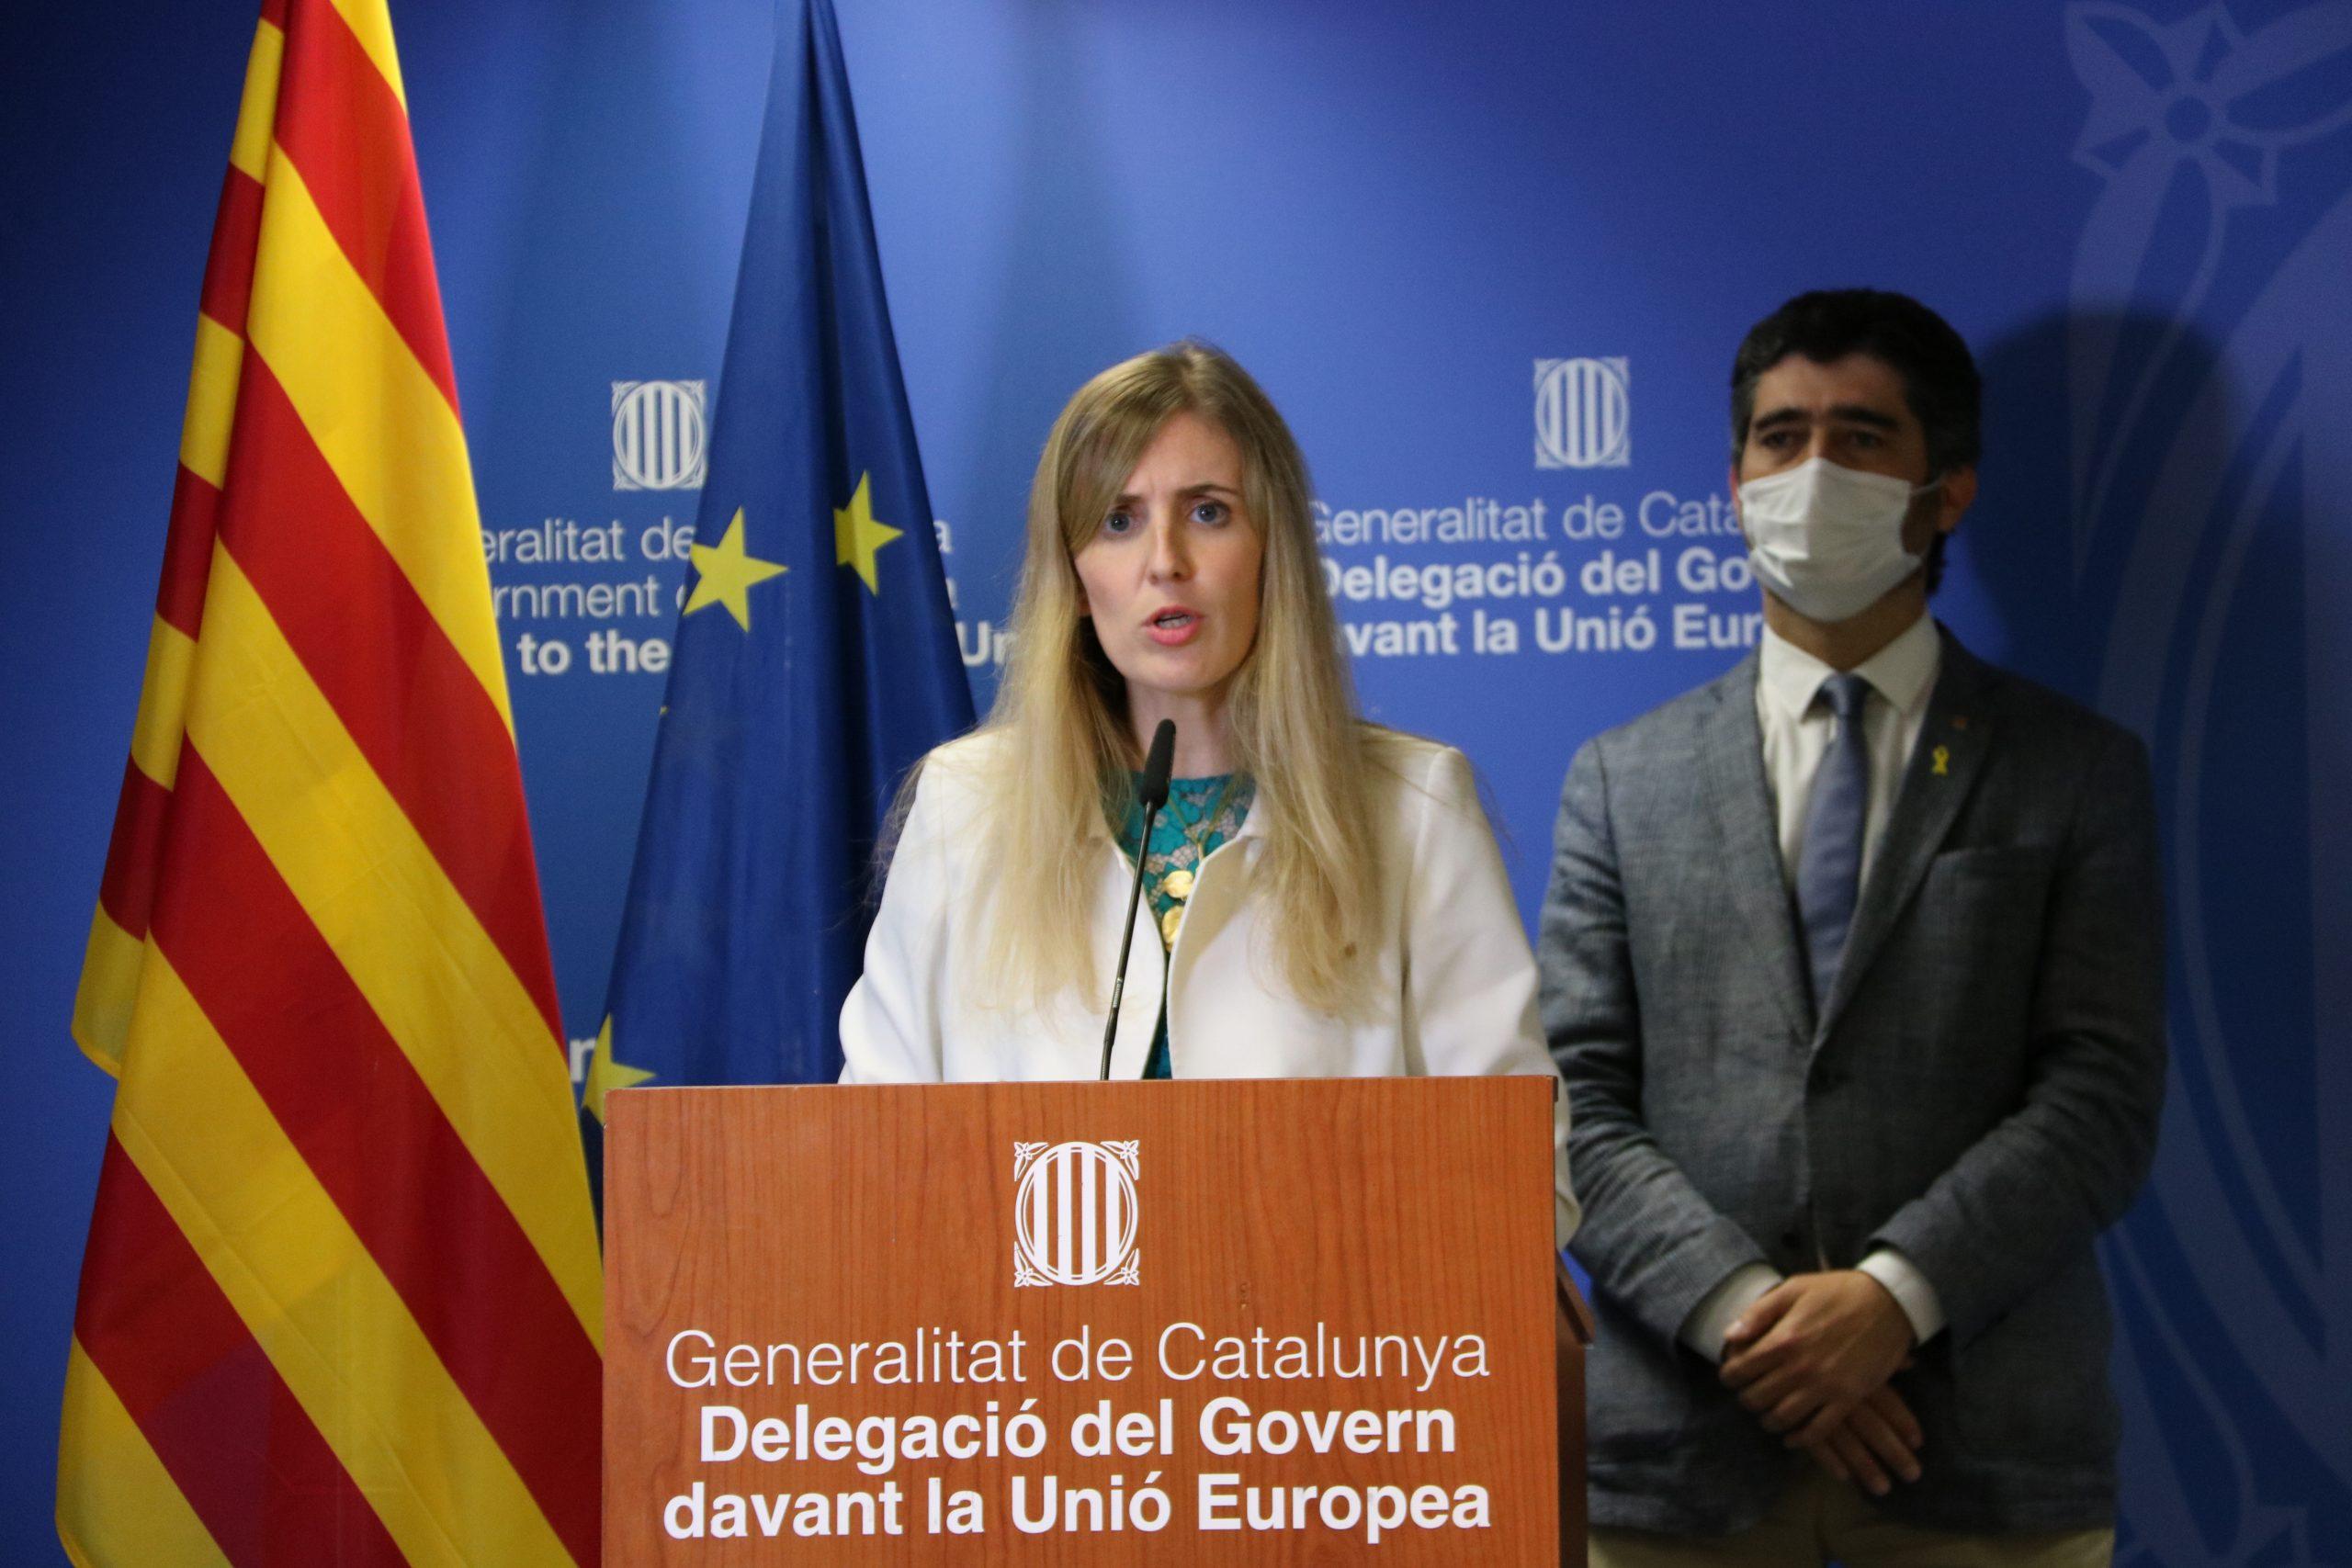 La consellera Victòria Alsina i el vicepresident Jordi Puigneró durtant la compareixença després de la votació de l'informe del Consell d'Europa el 21 de juny del 2021 / ACN